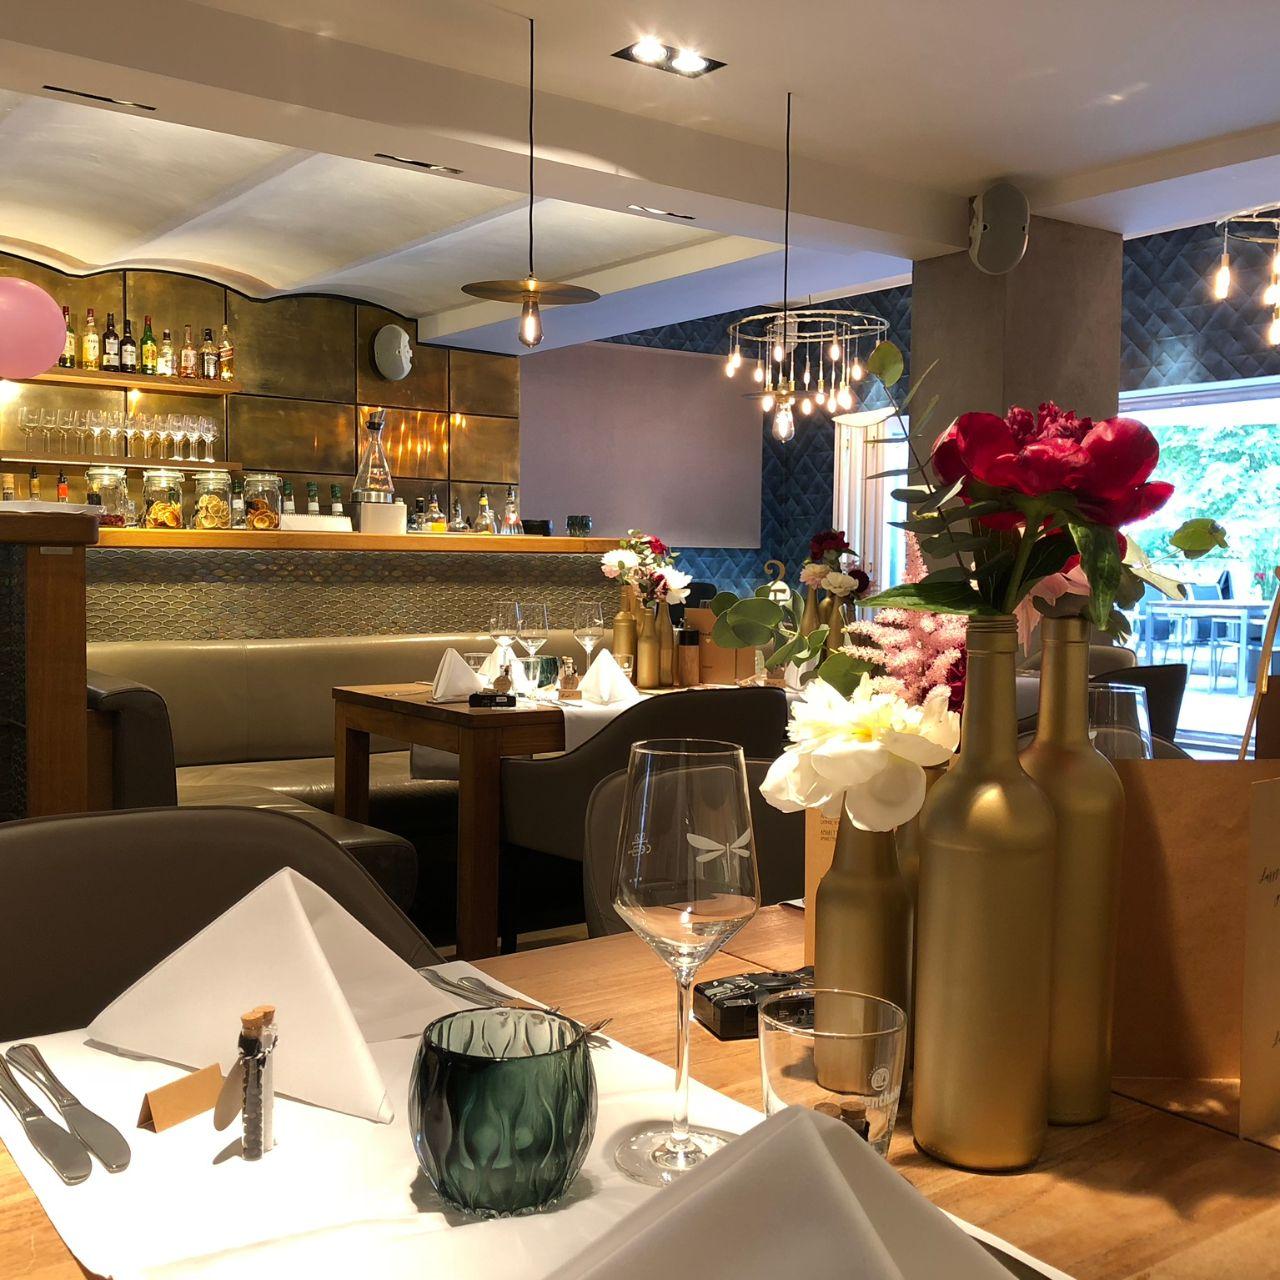 Restaurant Vierwasser Furstenfeldbruck By Opentable